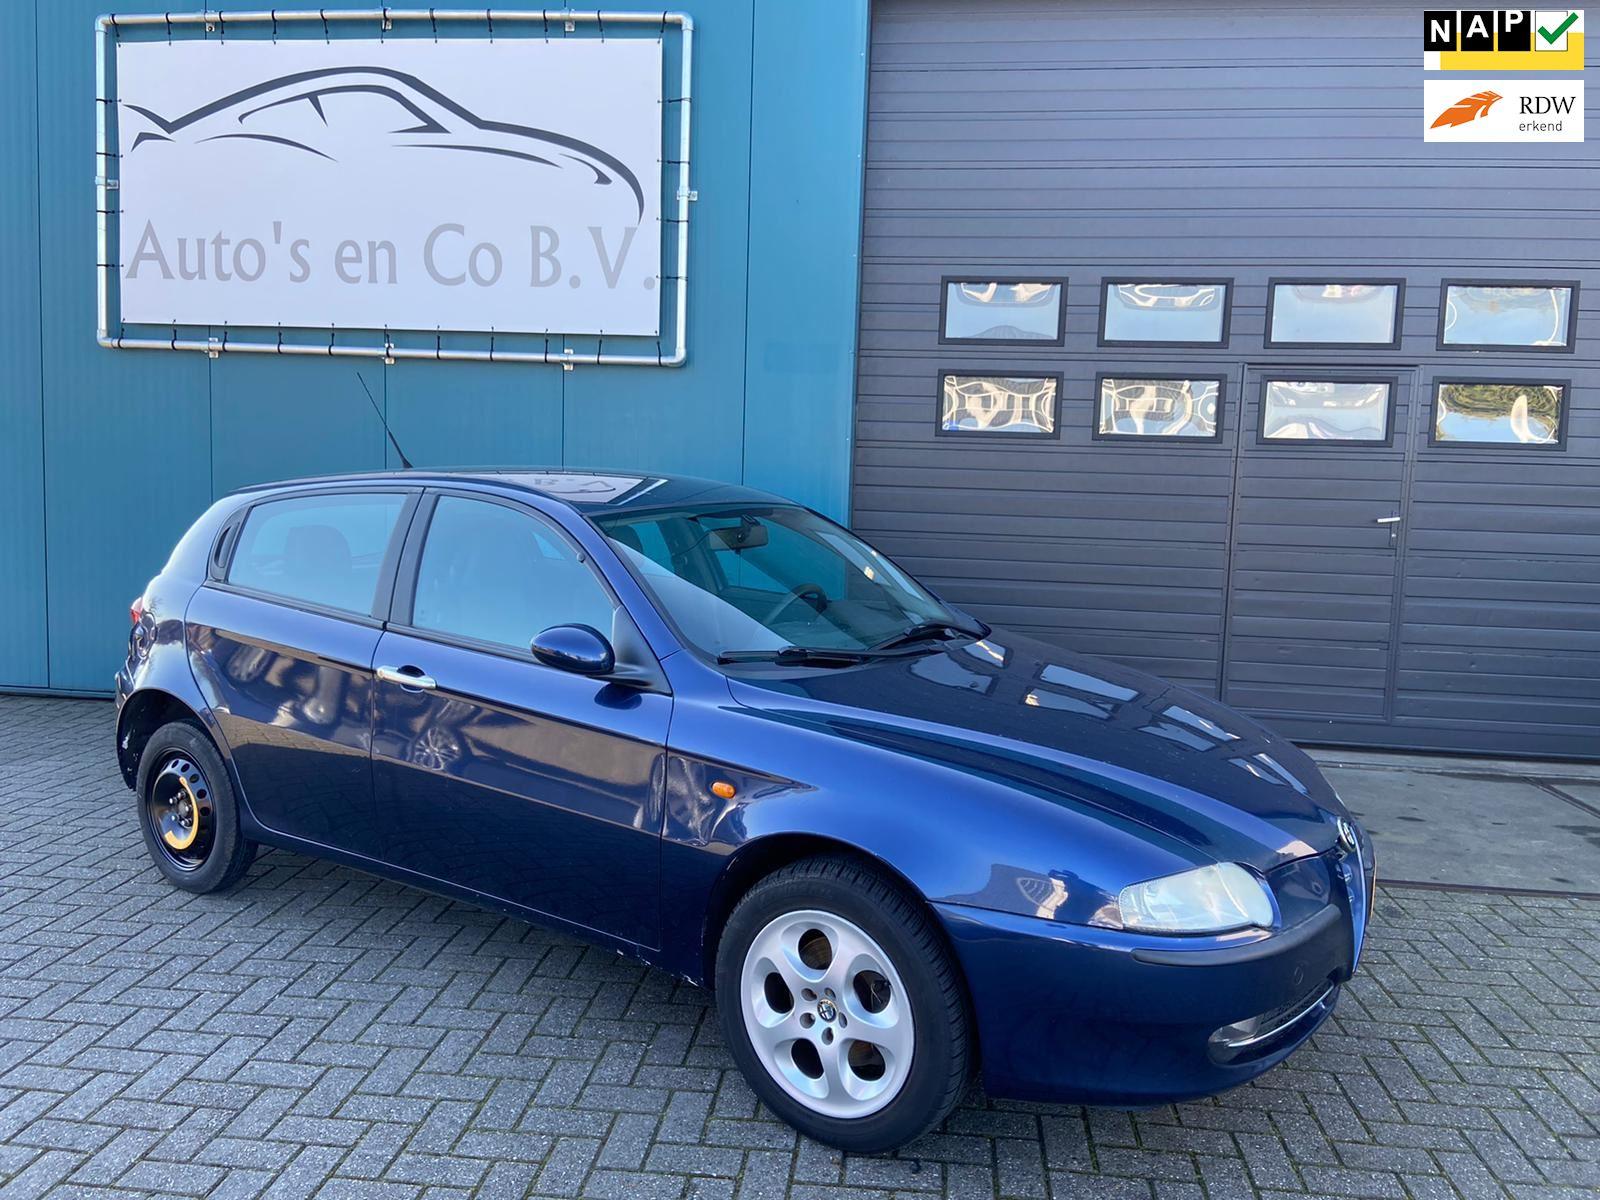 Alfa Romeo 147 occasion - Auto's en Co B.V.